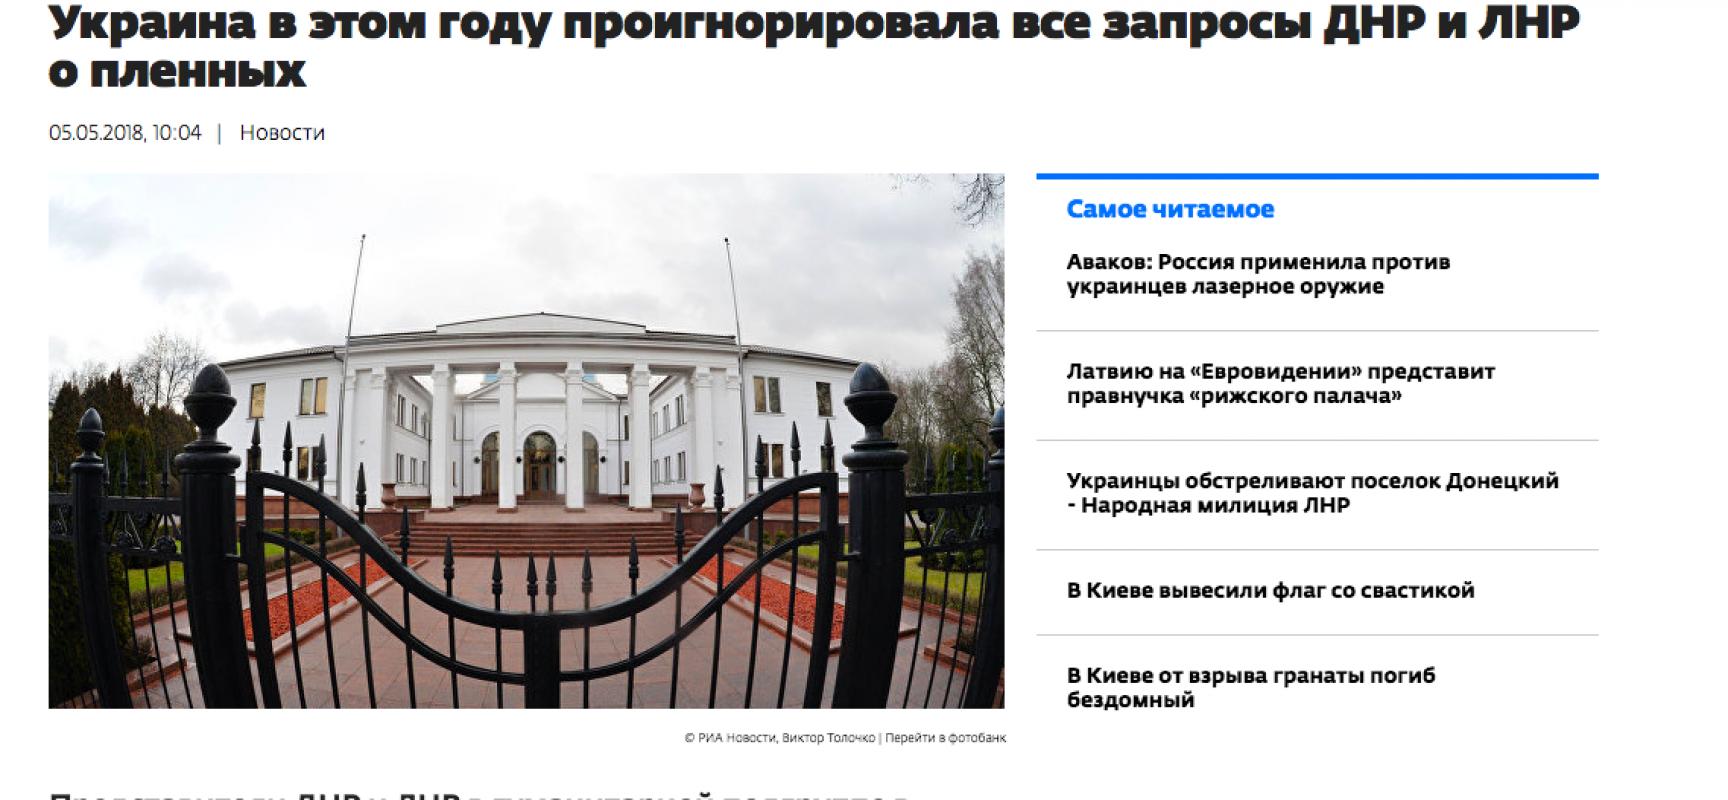 """Fake: Kiev ha annullato i negoziati sullo scambio dei prigionieri di guerra con """"LDNR""""."""